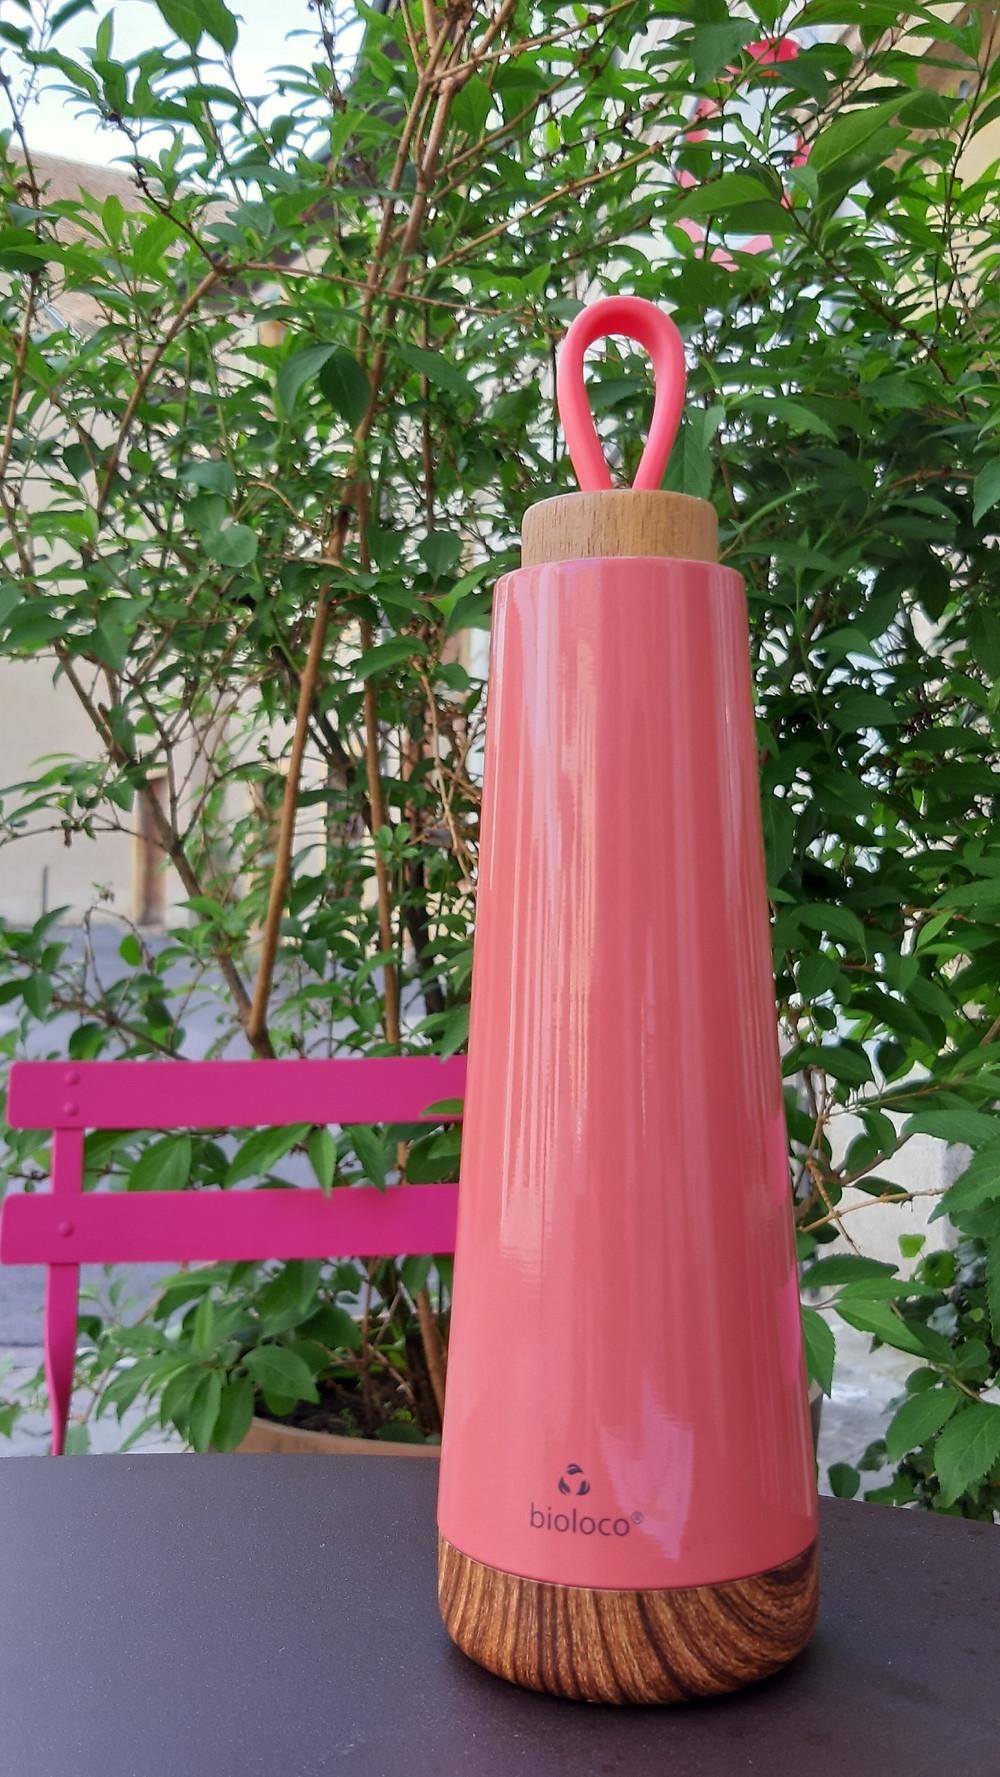 inox double paroi, bouchon bois, couleur corail